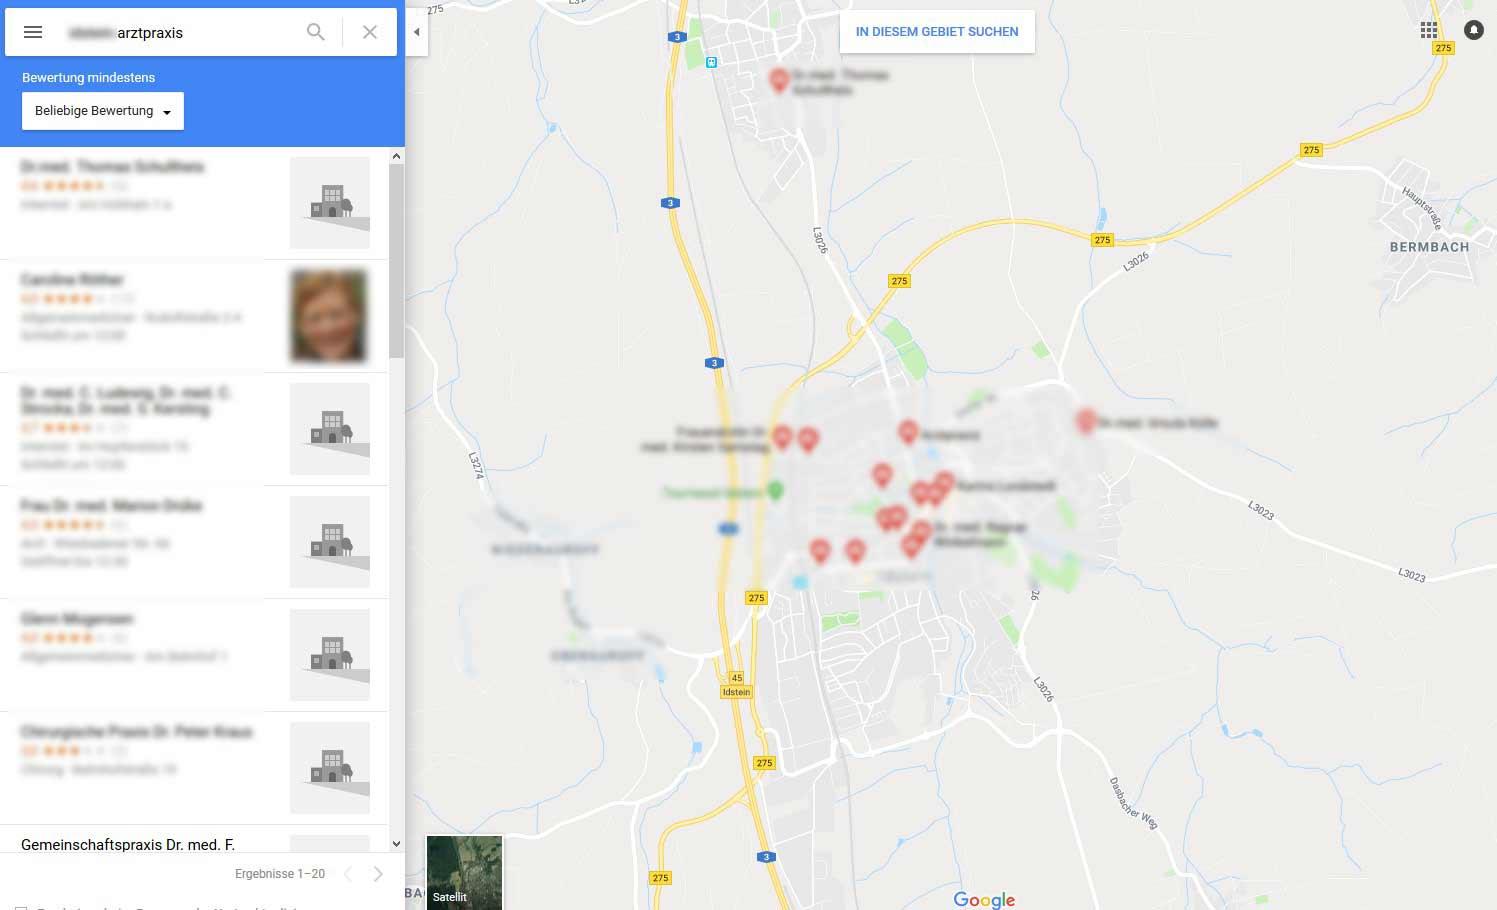 Über den Kartendienst Google-Maps kann der Standort einer Praxis und Klinik genau im Vorfeld betrachtet werden und via Umkreissuche auch schnell zwischen verschiedenen Angeboten verglichen werden. Ausschlaggebendes Argument sind die dargestellten Bewertungssterne, die neben den Praxisinformationen angezeigt werden